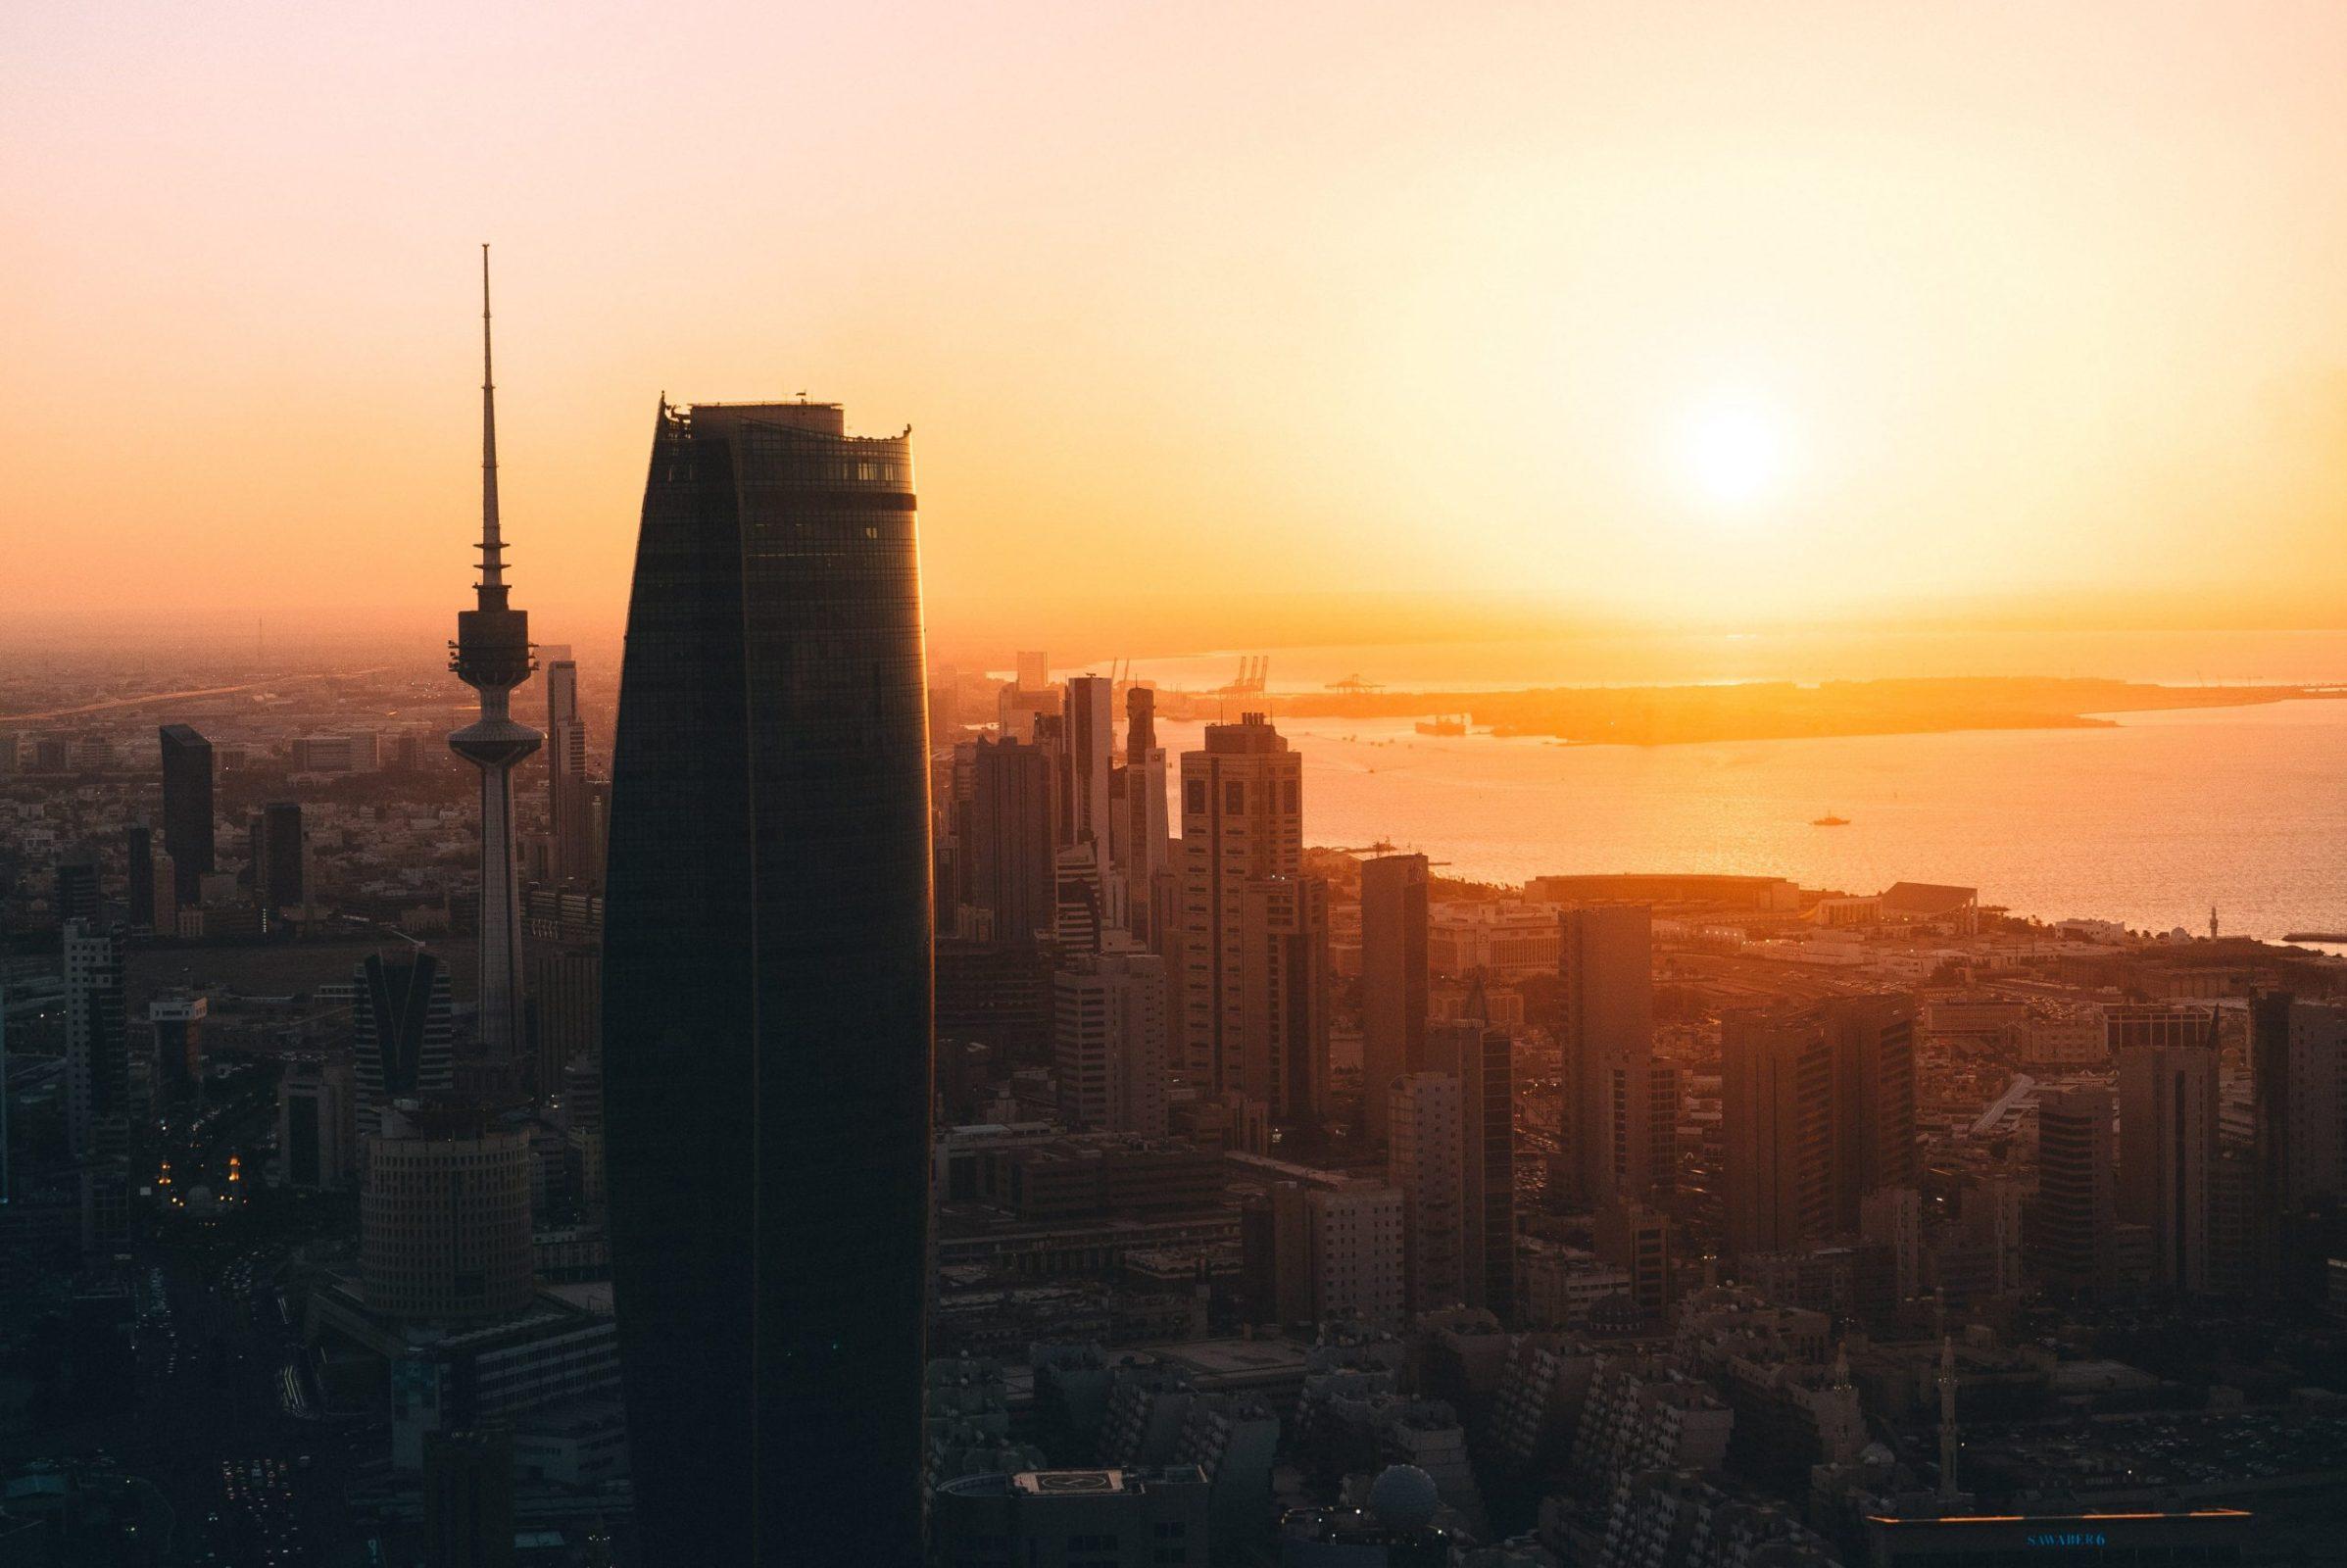 Kuwait skyline at dusk